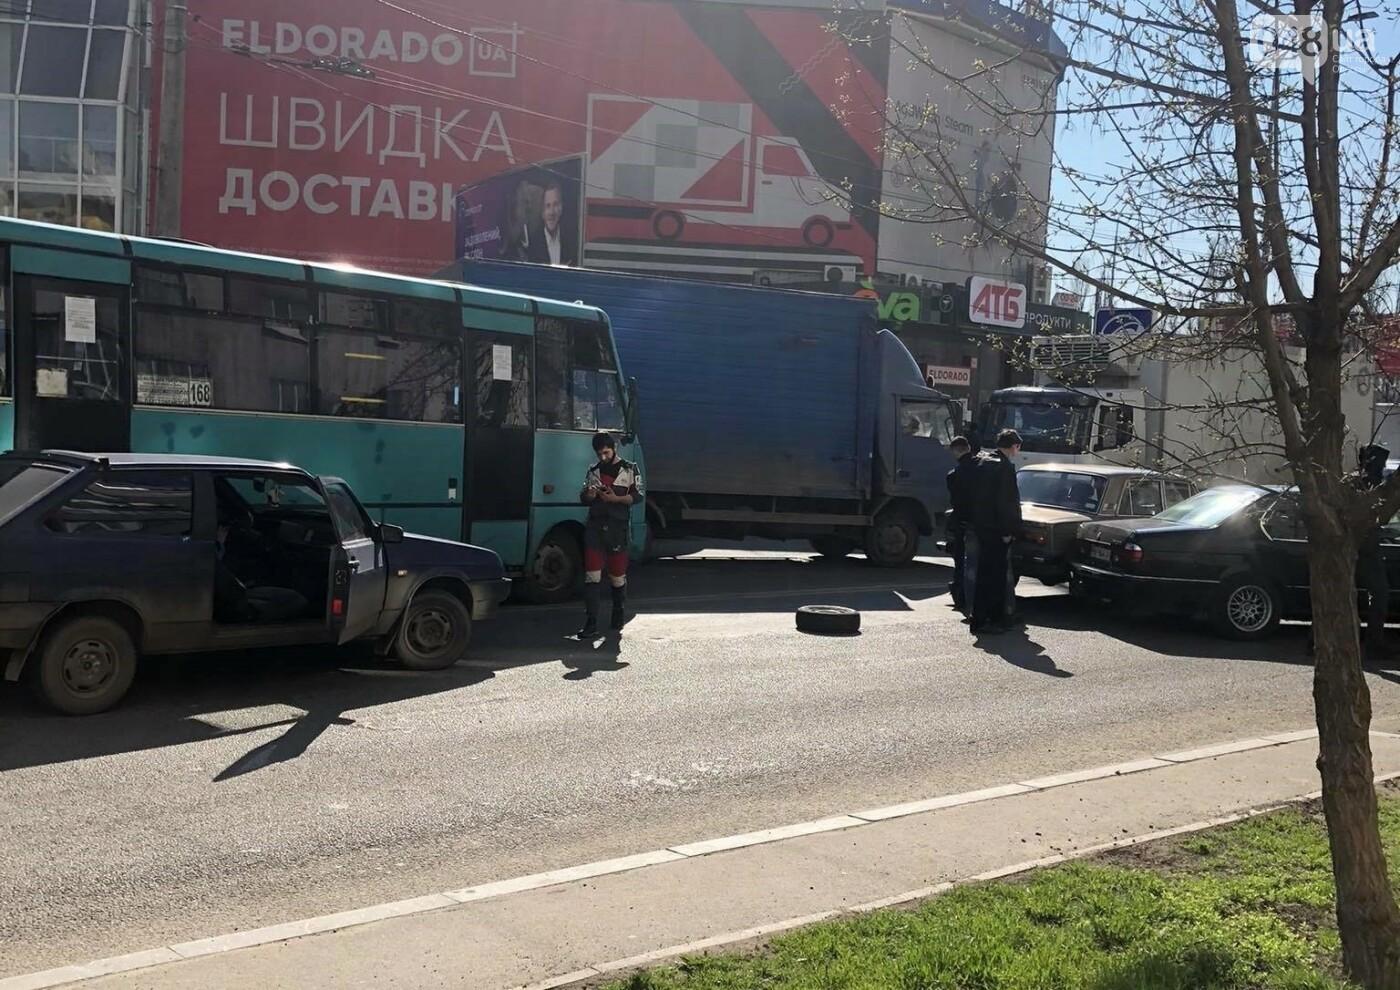 В Одессе маршрутка попала в ДТП, когда объезжала другую аварию, - ФОТО  , фото-8